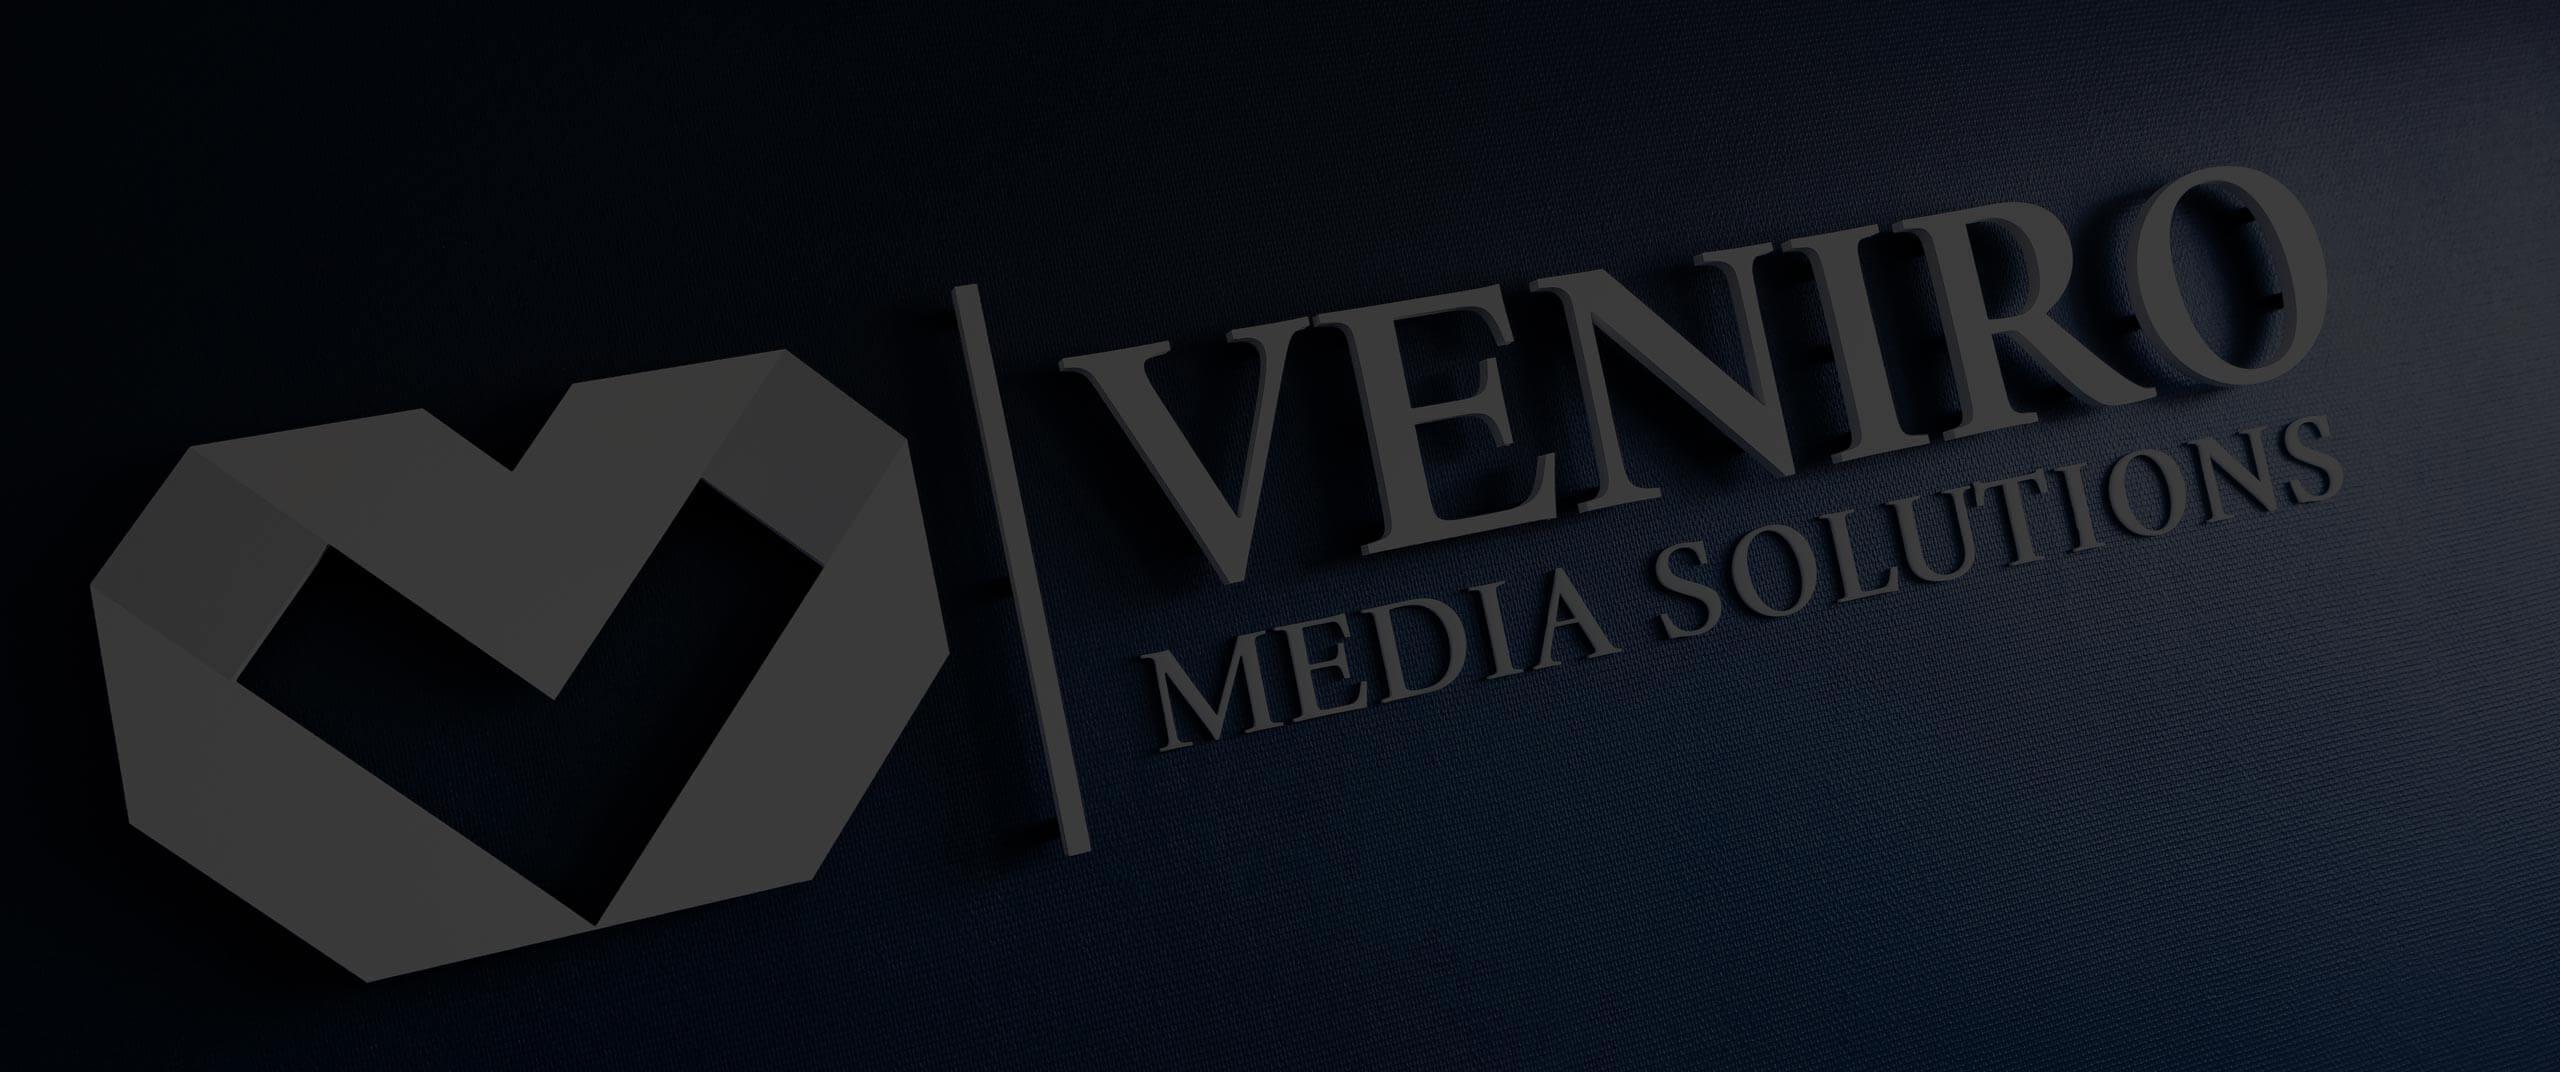 Veniro logo montert på vegg